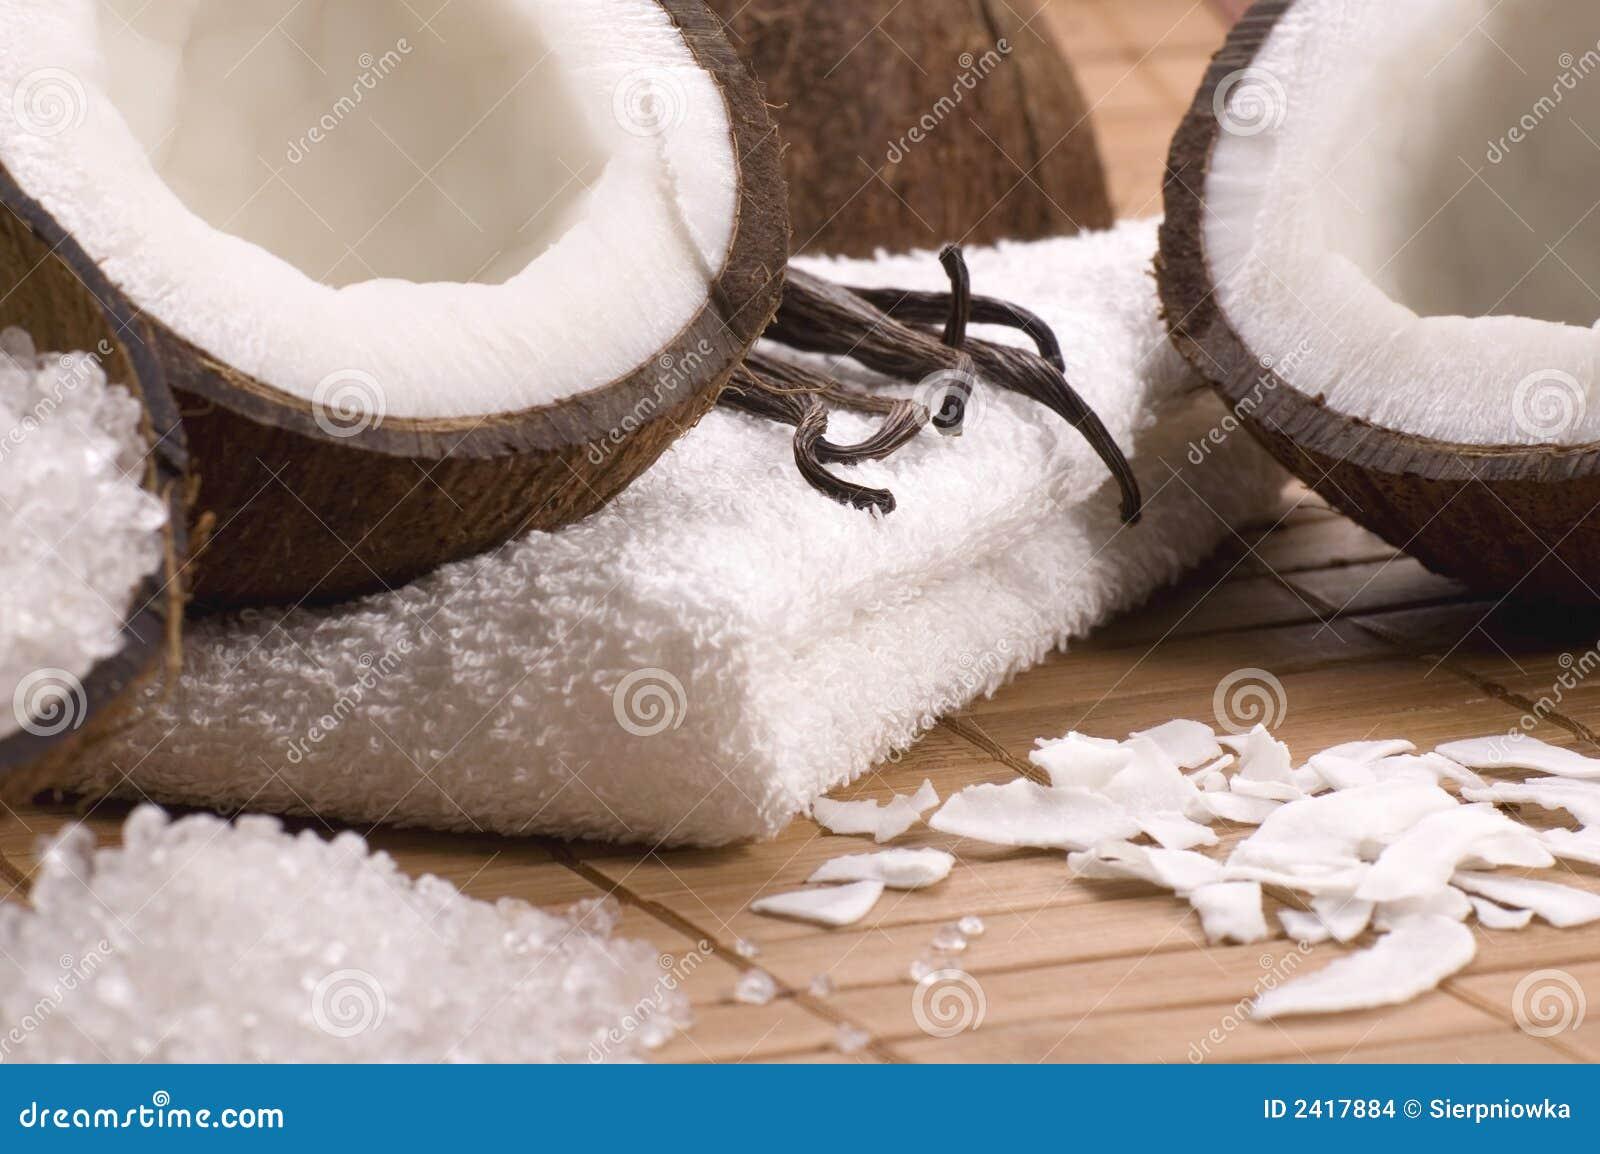 Coco and vanilla bath